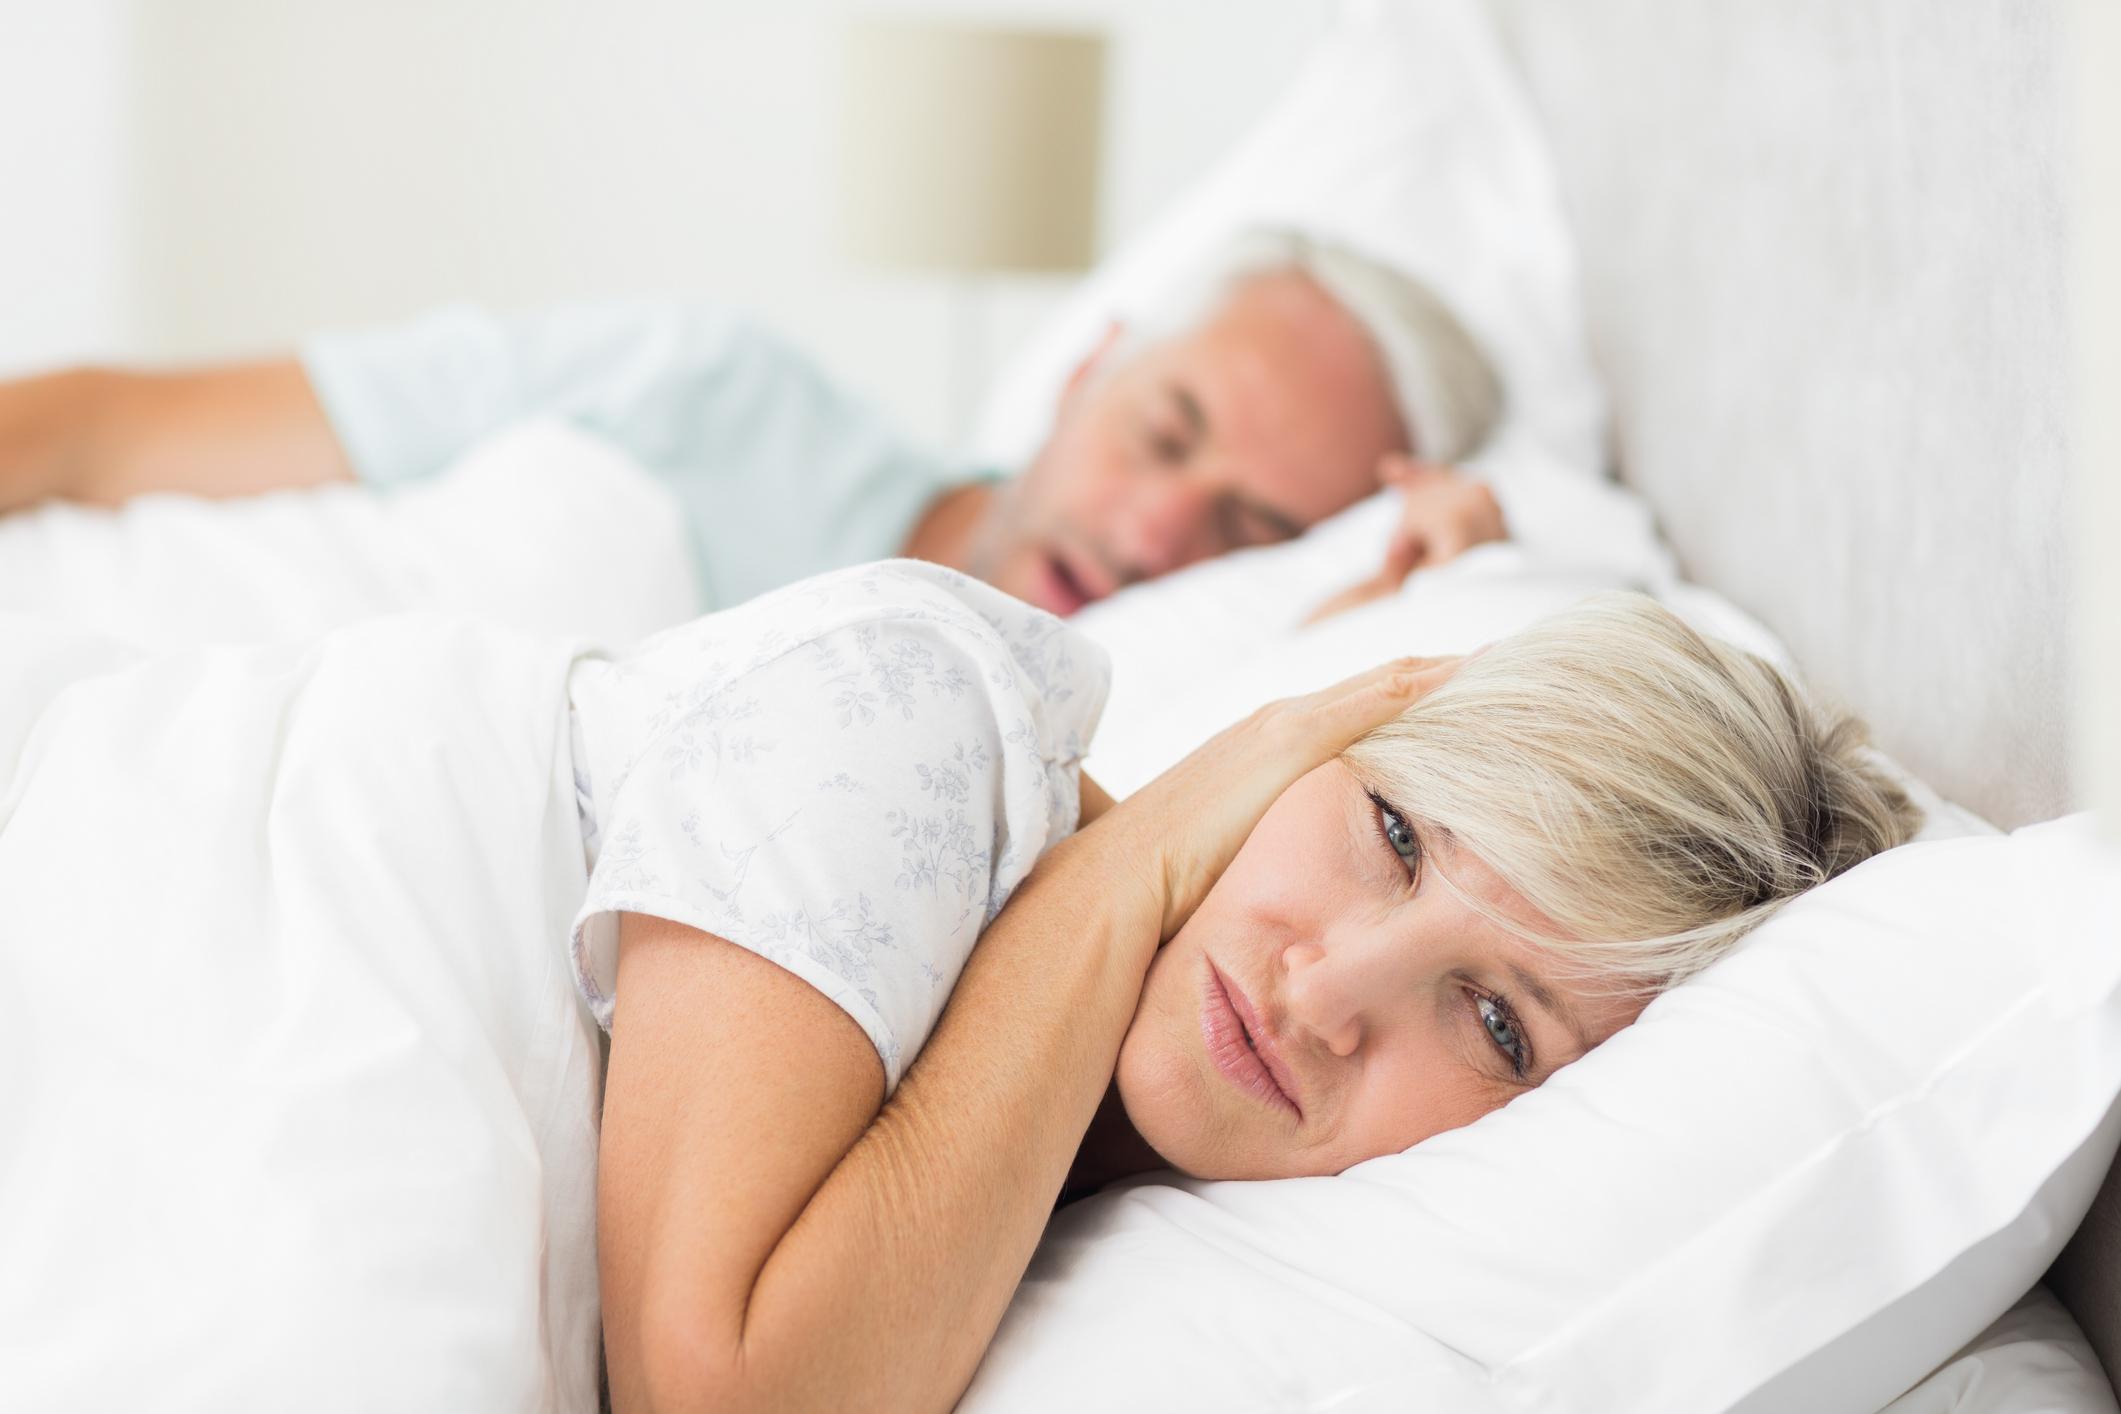 Az alvászavar csökkenti a szexuális teljesítményt?